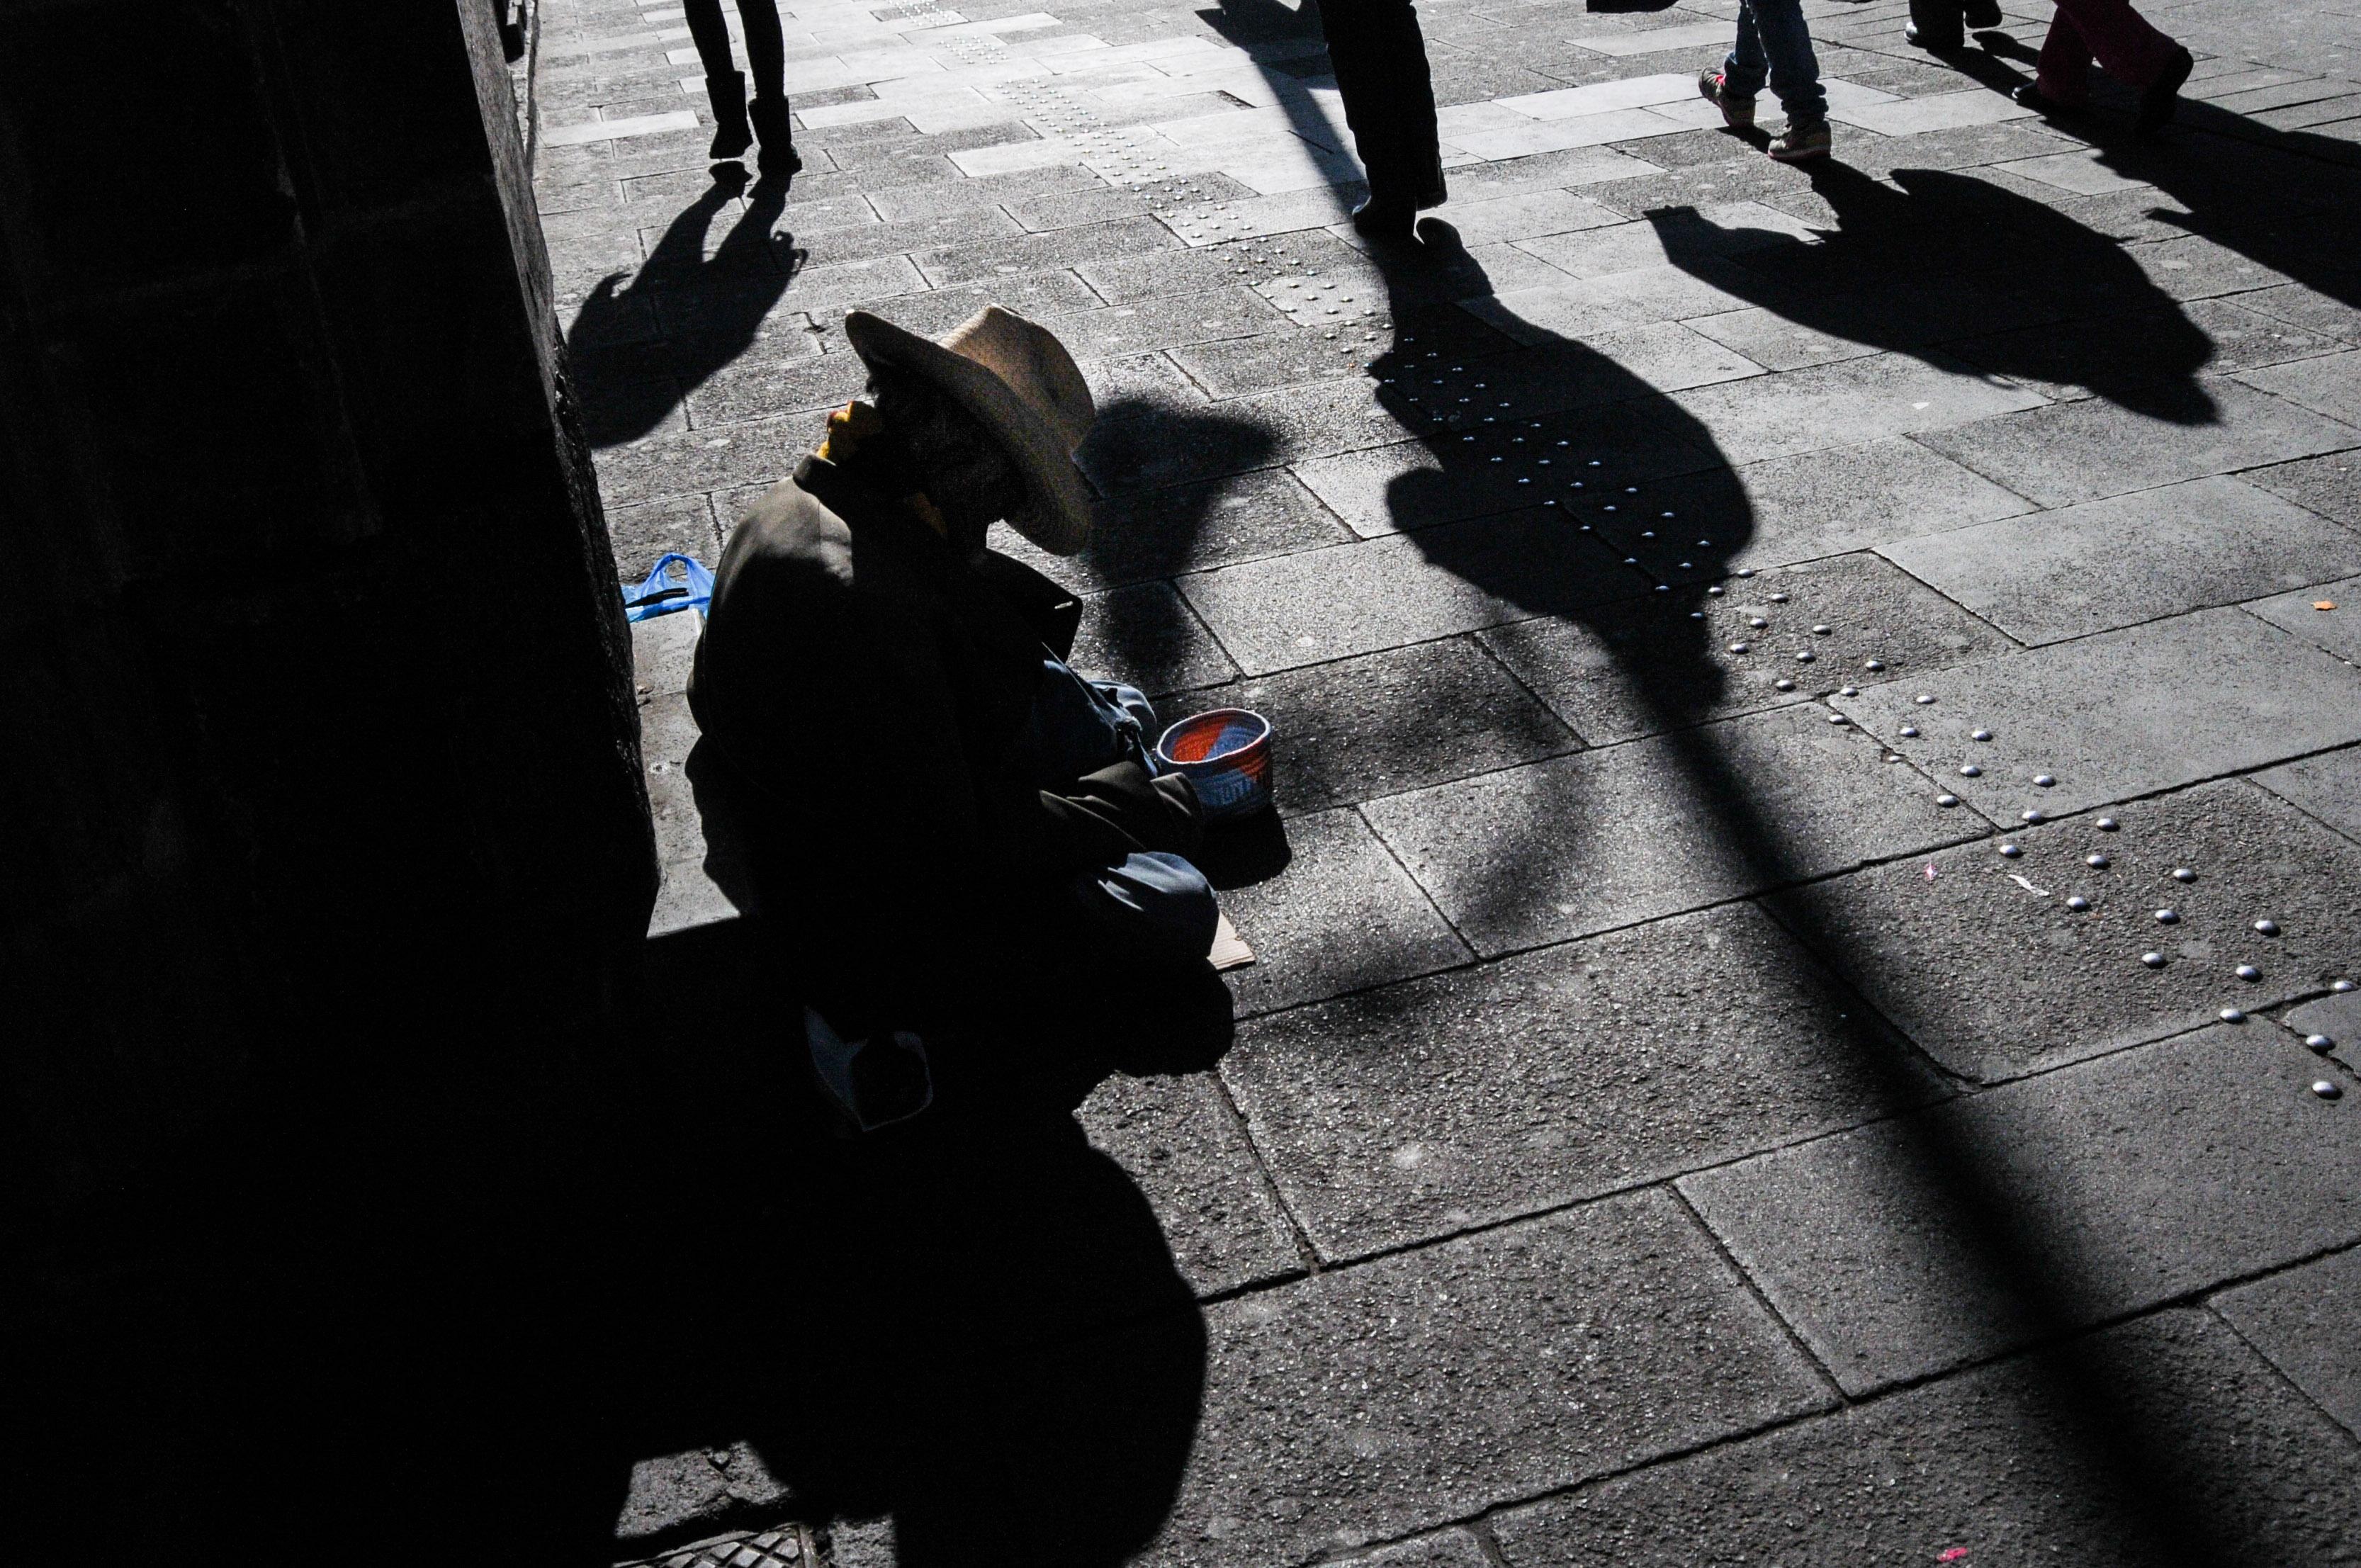 OPINIÓN: Cambios que hacen incomparable la pobreza en México